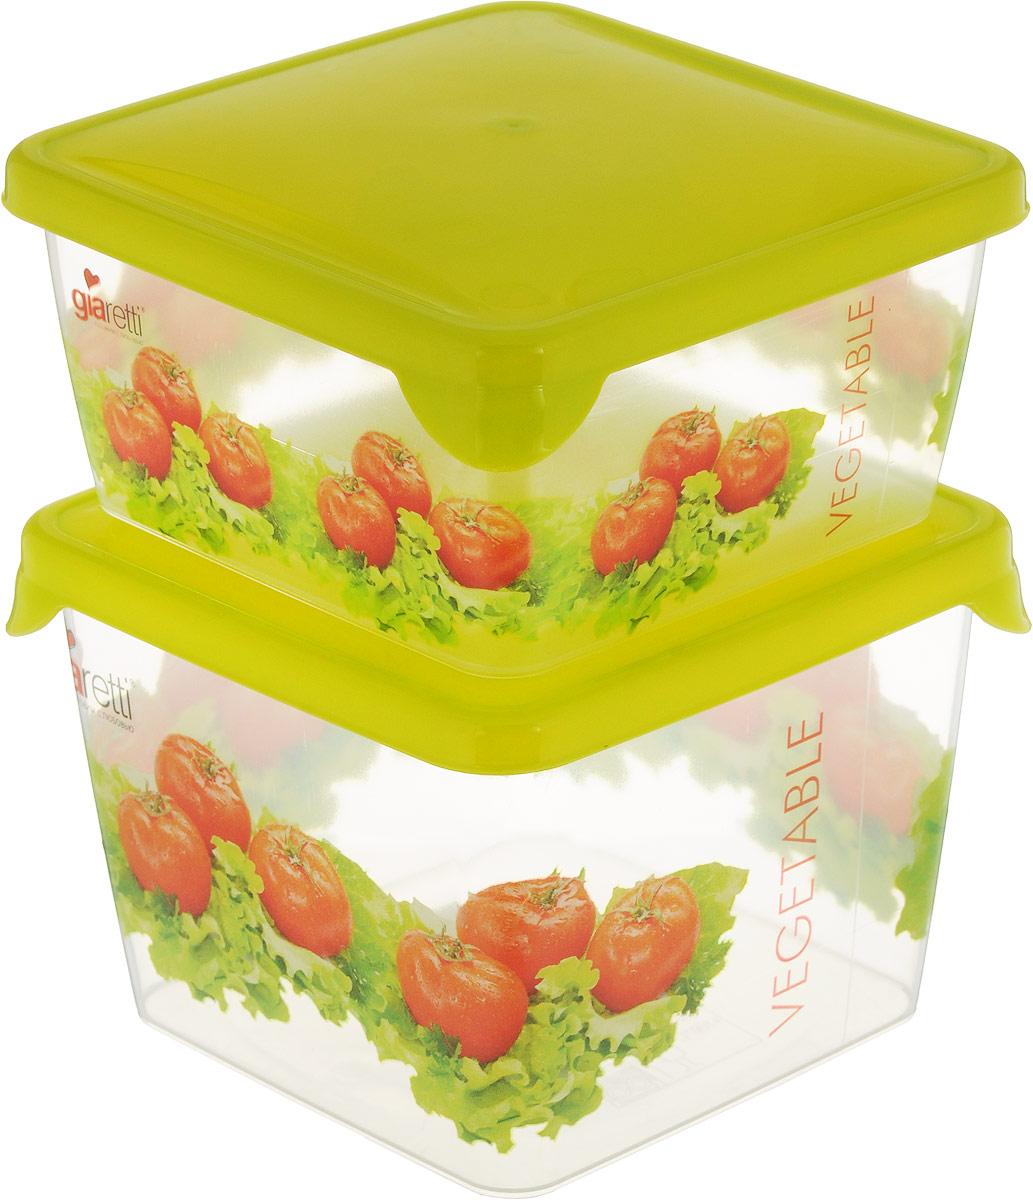 """Комплект емкостей для продуктов Giaretti """"Браво"""" состоит из 2 контейнеров. Емкости изготовлены из пищевого полипропилена и оснащены крышками, которые плотно закрываются, дольше сохраняя продукты свежими. Боковые стенки прозрачные, что позволяет видеть содержимое.  Емкости идеально подходят для хранения пищи, фруктов, ягод, овощей.  Такой комплект пригодится в любом хозяйстве. Легкие емкости одинаково удобно взять с собой или хранить продукты дома, замораживать ягоды и овощи небольшими порциями. Тонкий, но вместе с тем прочный пластик обеспечивает надежность изделий.   Объем: 450 мл, 750 мл."""